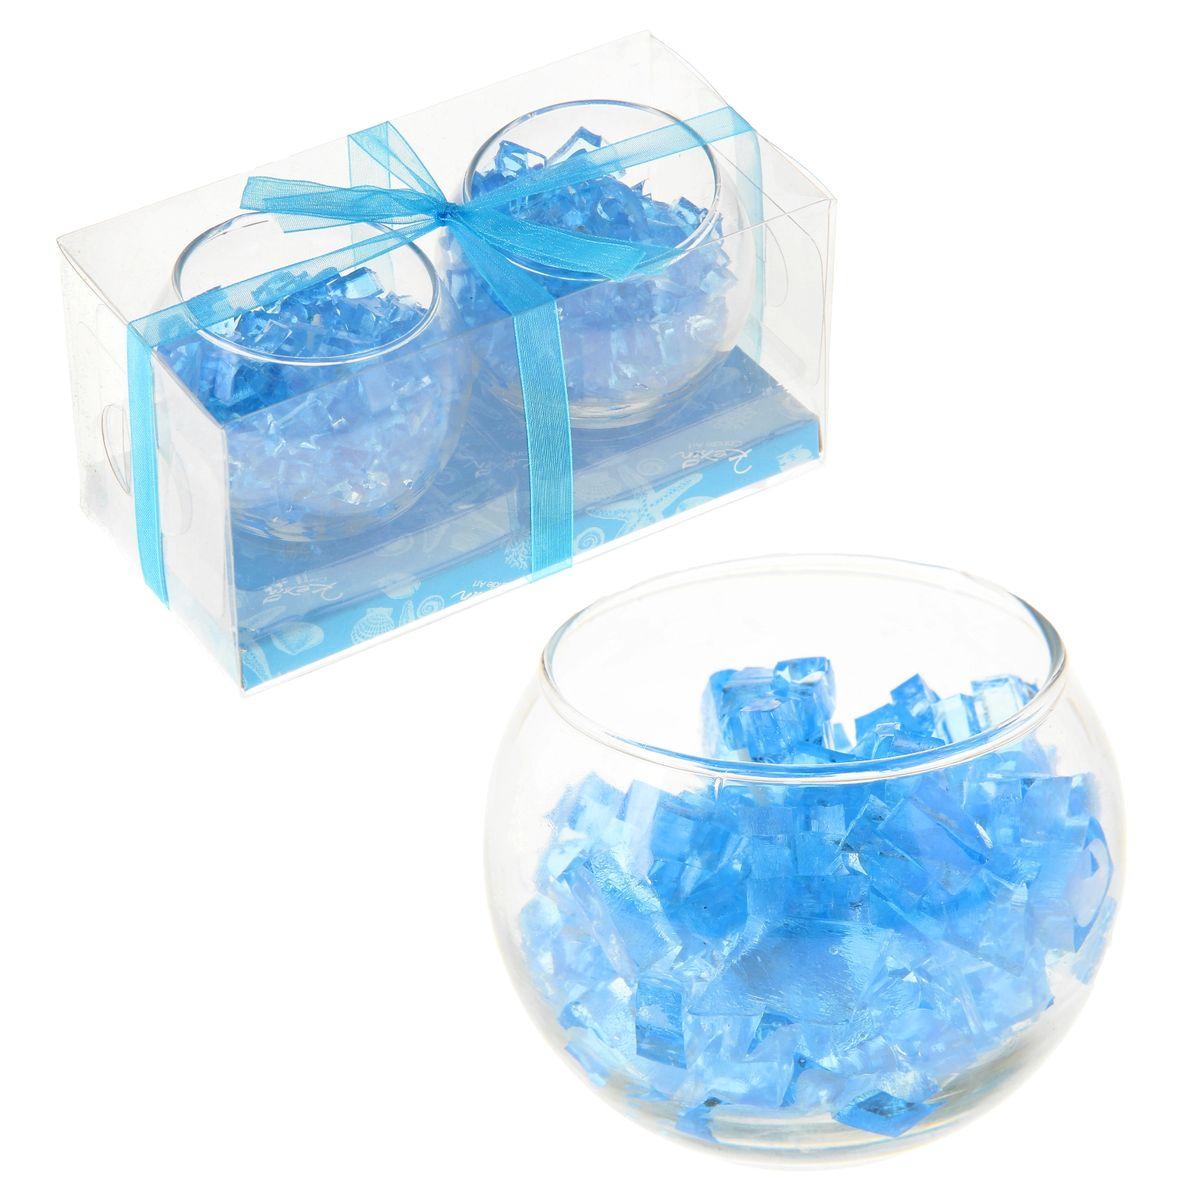 Набор свечей Sima-land Мармелад, цвет: голубой, 2 шт12723Набор Sima-land Мармелад, выполненный из геля, состоит из двух декоративных свечей. Свечи расположены в стеклянных бокалах. Изделия порадуют вас своим дизайном. Такой набор может стать отличным подарком или дополнить интерьер вашей комнаты.